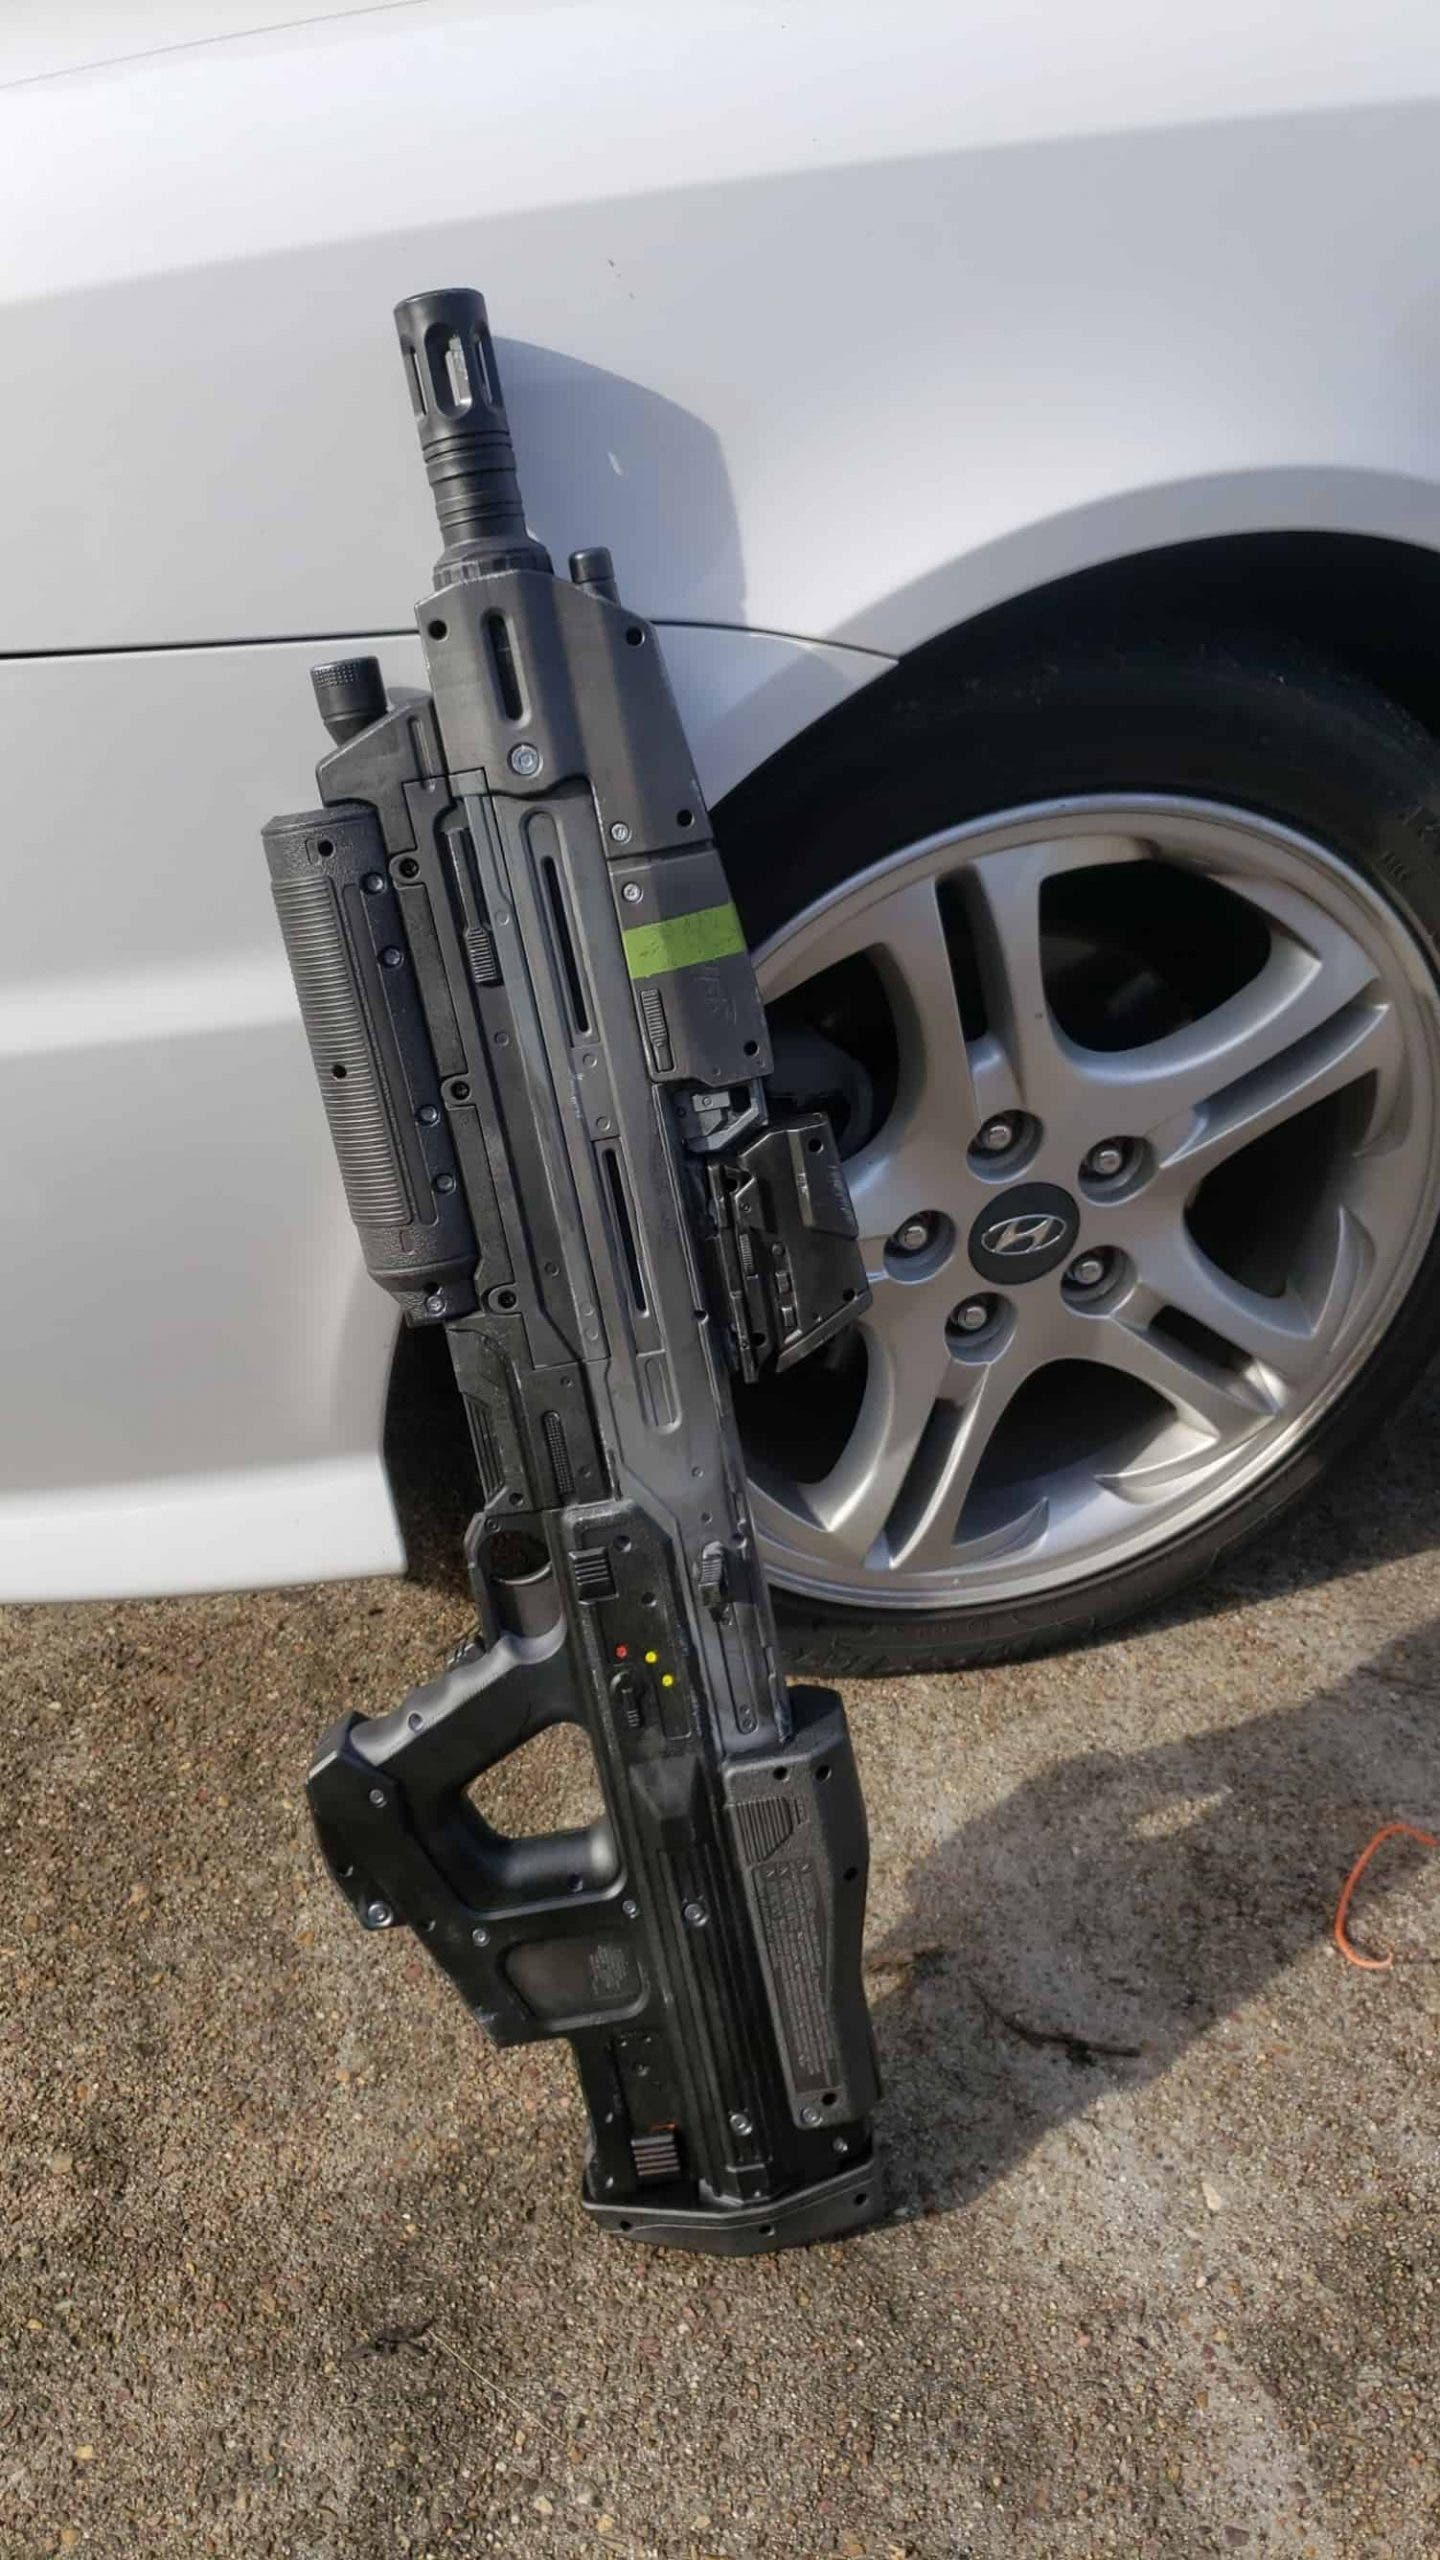 Un fan de Halo replica el rifle de asalto en su pistola Nerf 2